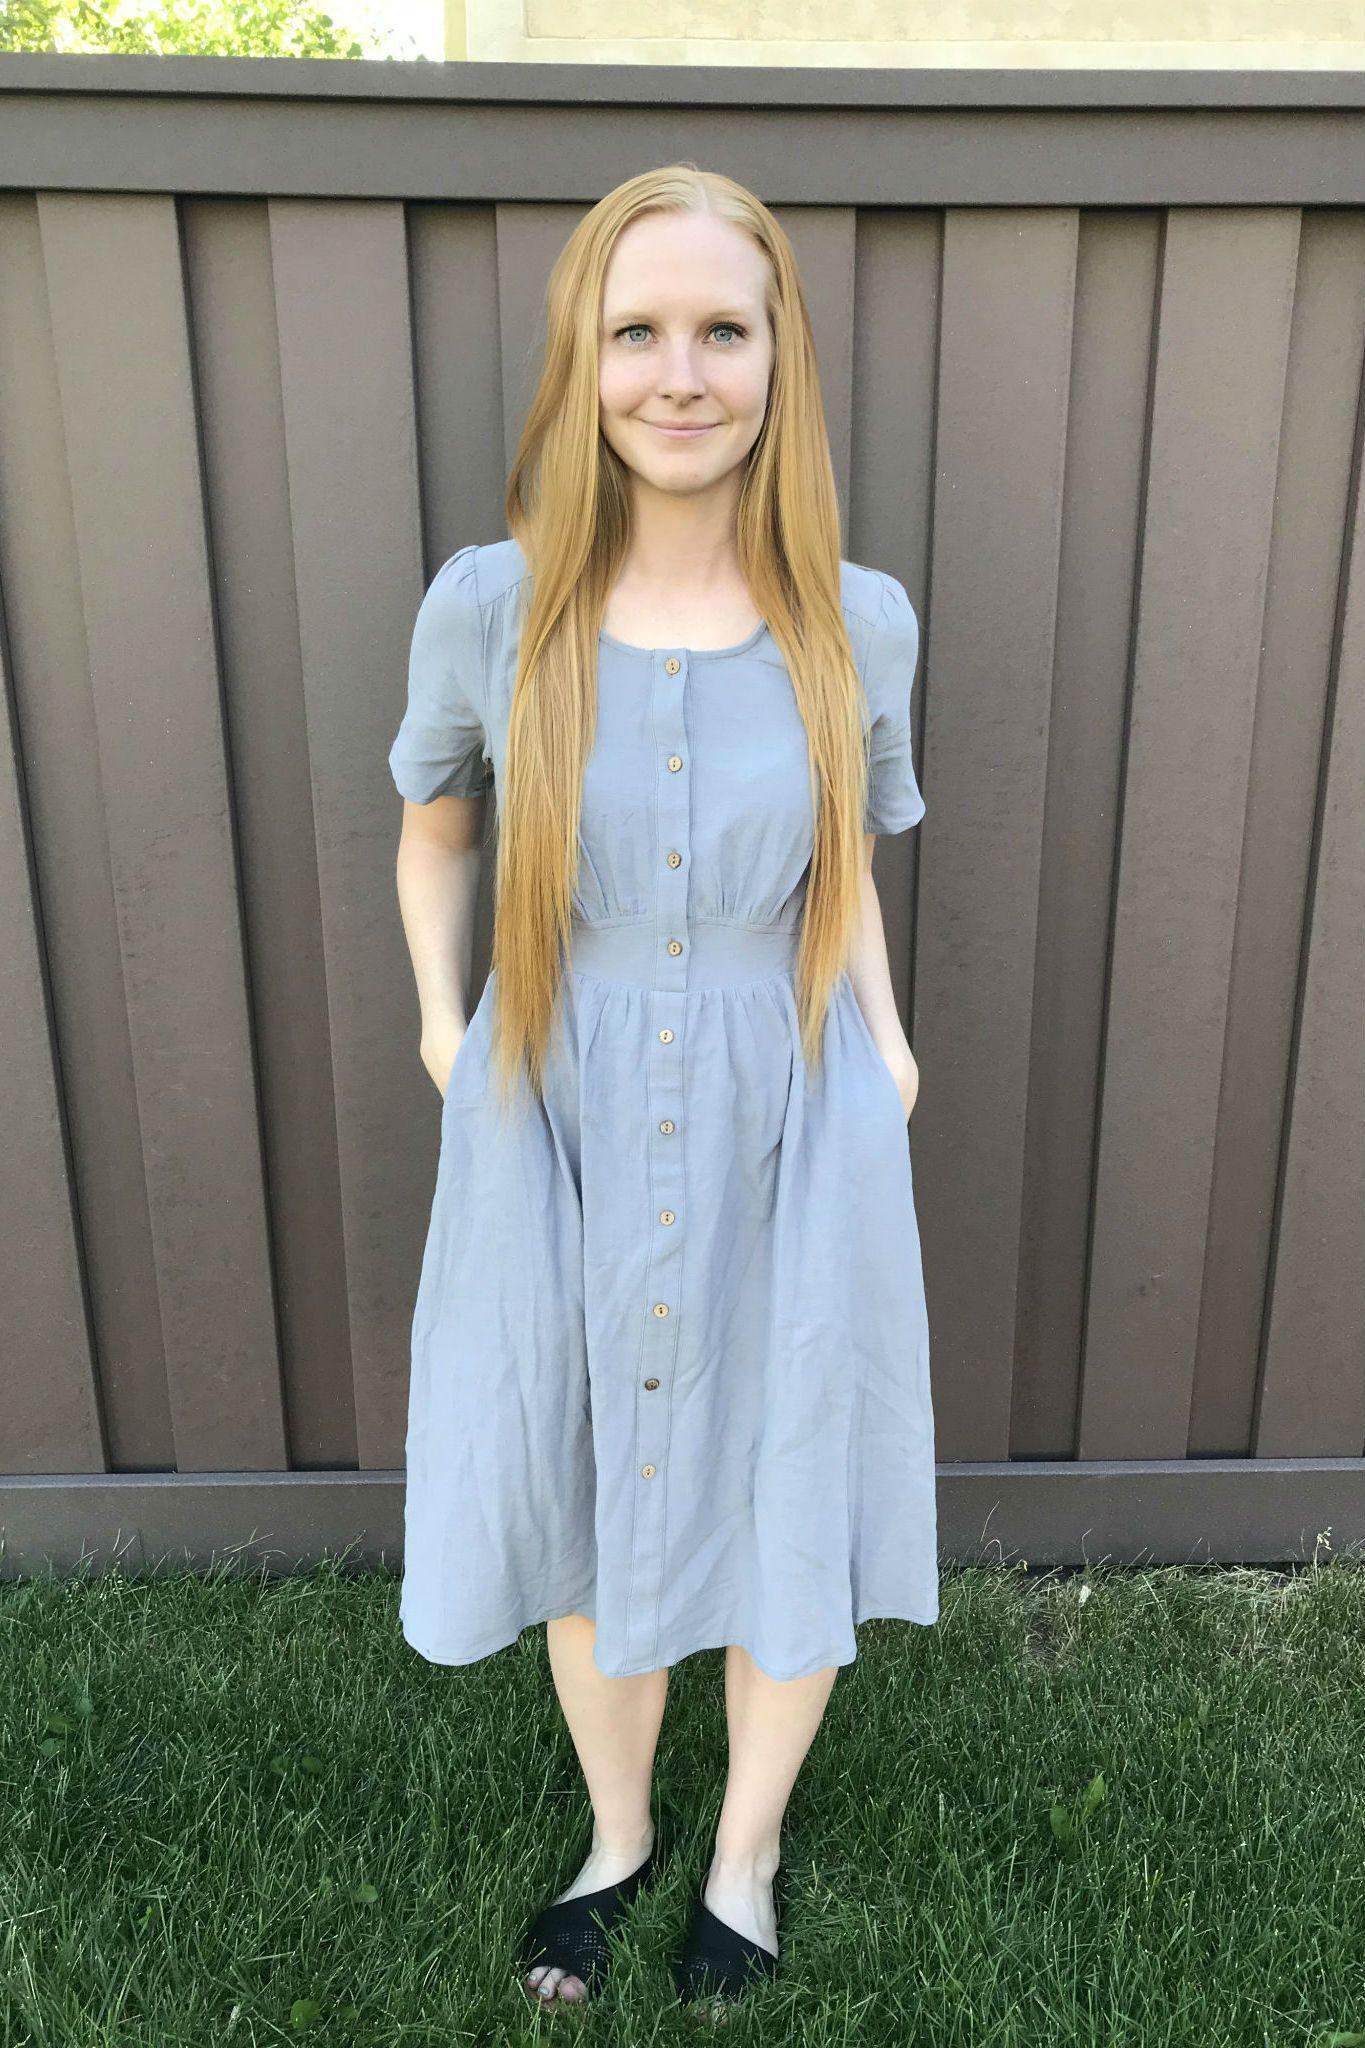 b527834f807 Lena Button Dress, modest gray dress, modest dresses, modest summer dresses,  modest nursing friendly dresses, modest spring dress, nursing friendly dress,  ...